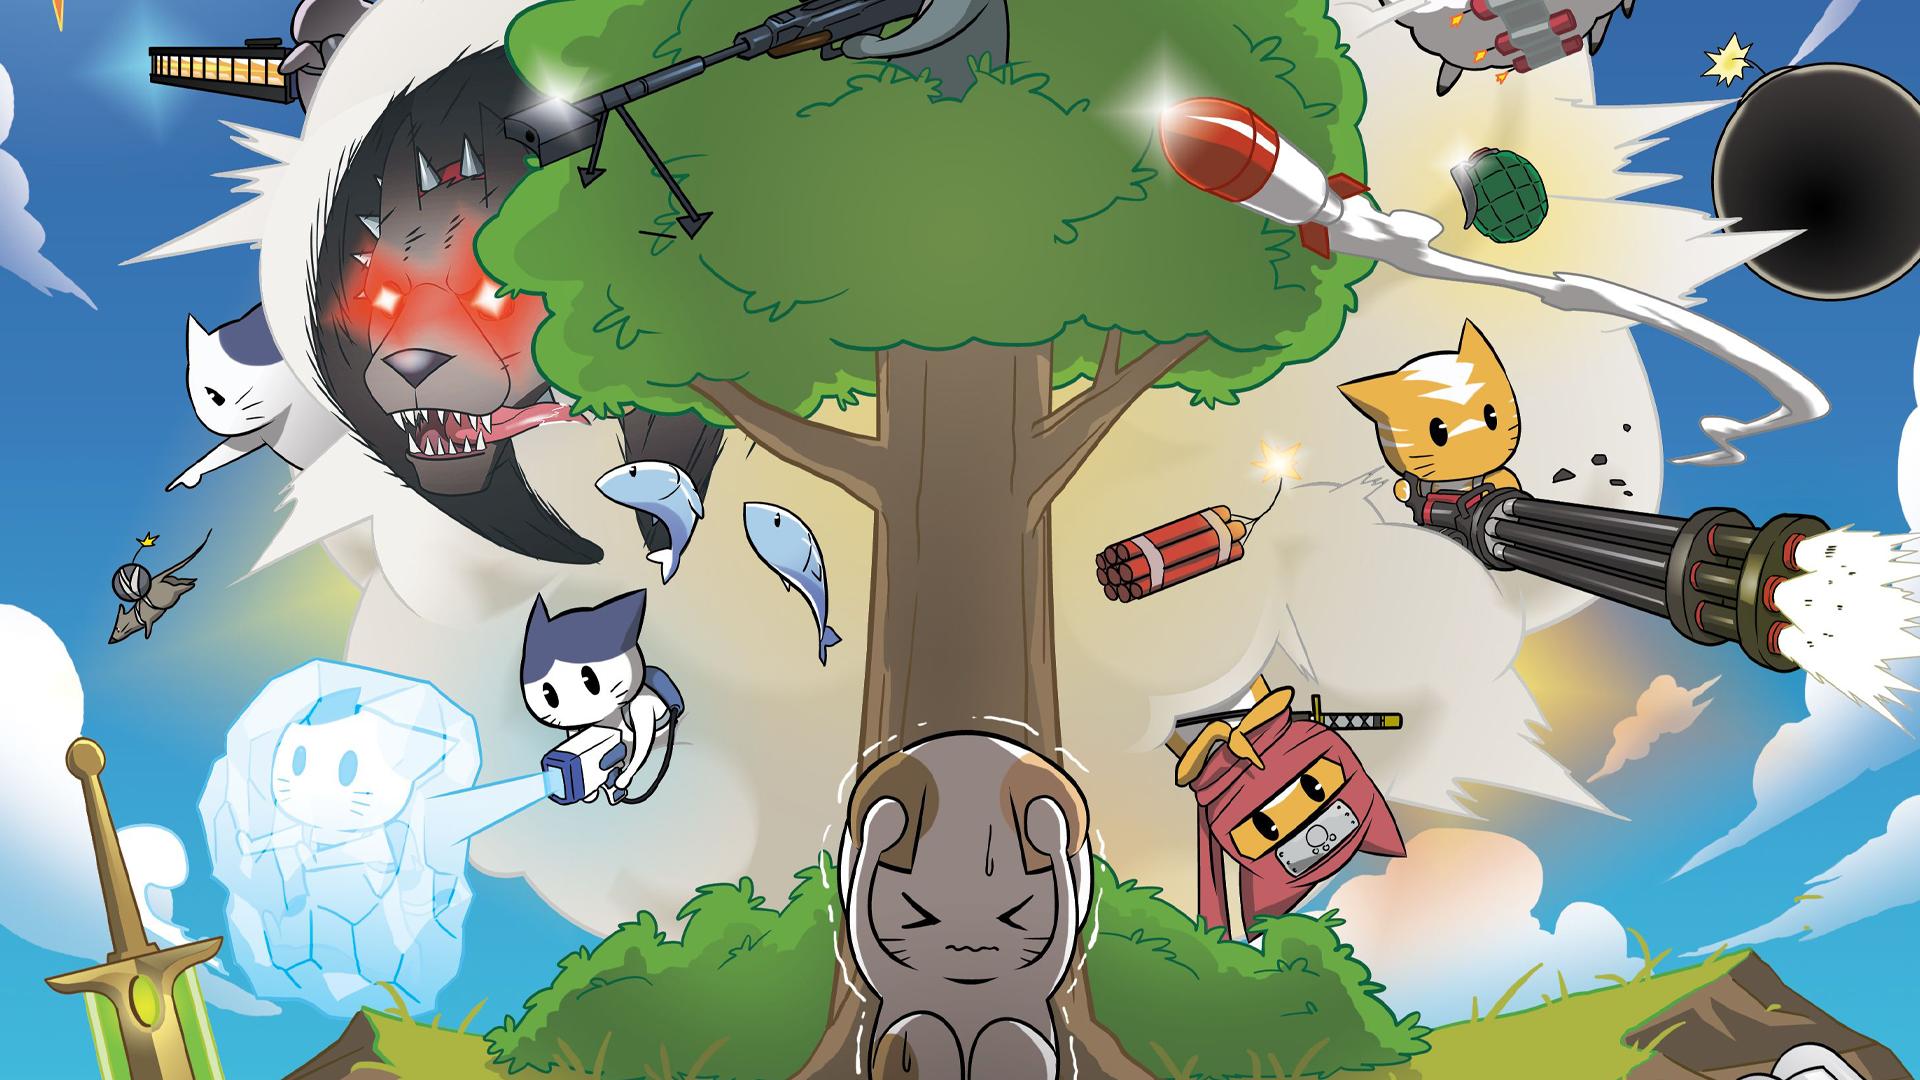 Rocket Cats artwork